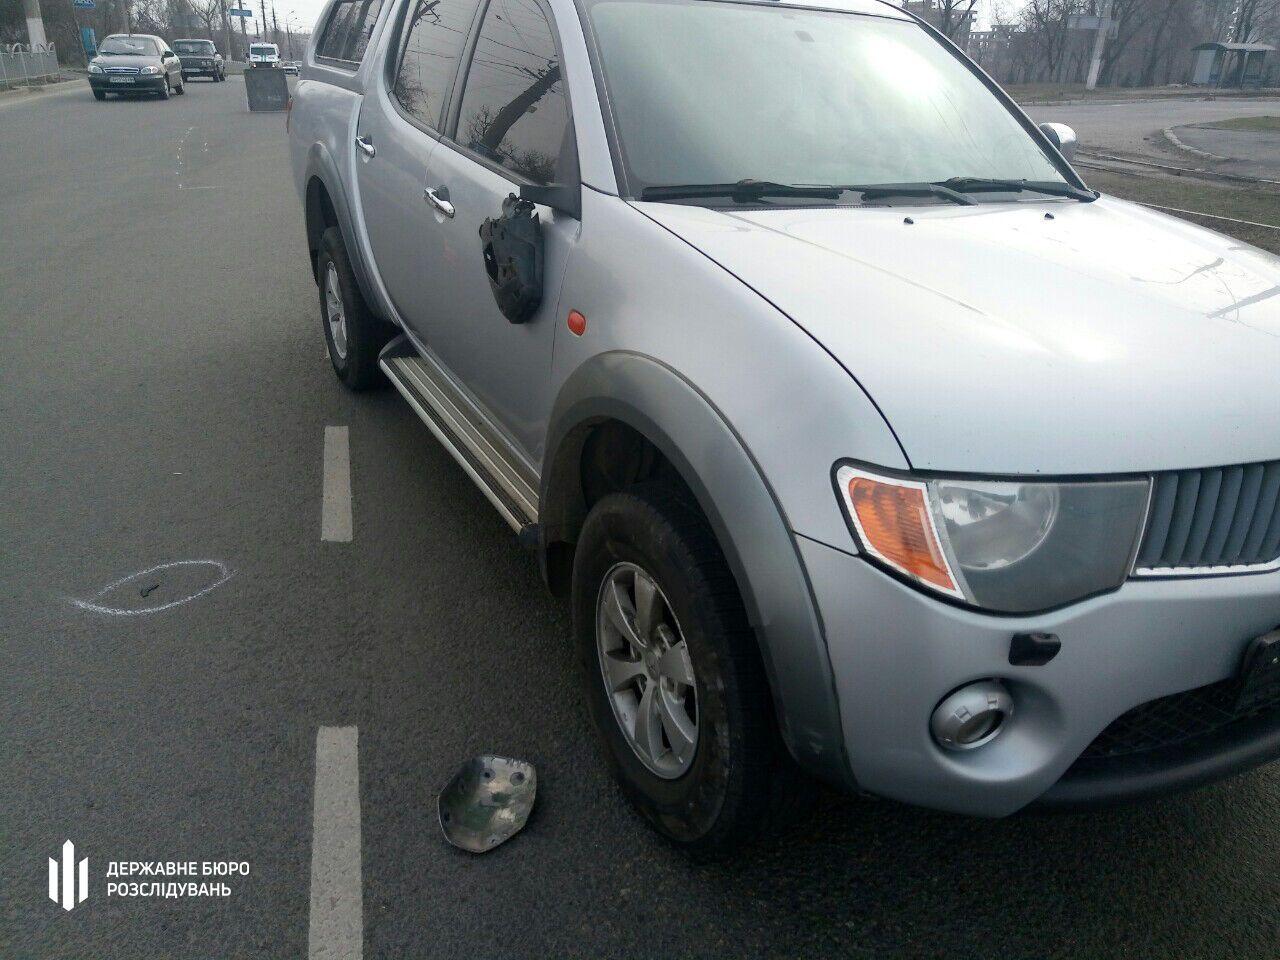 Полицейский ехал за рулем служебного авто Mitsubishi L200 и сбил школьниц